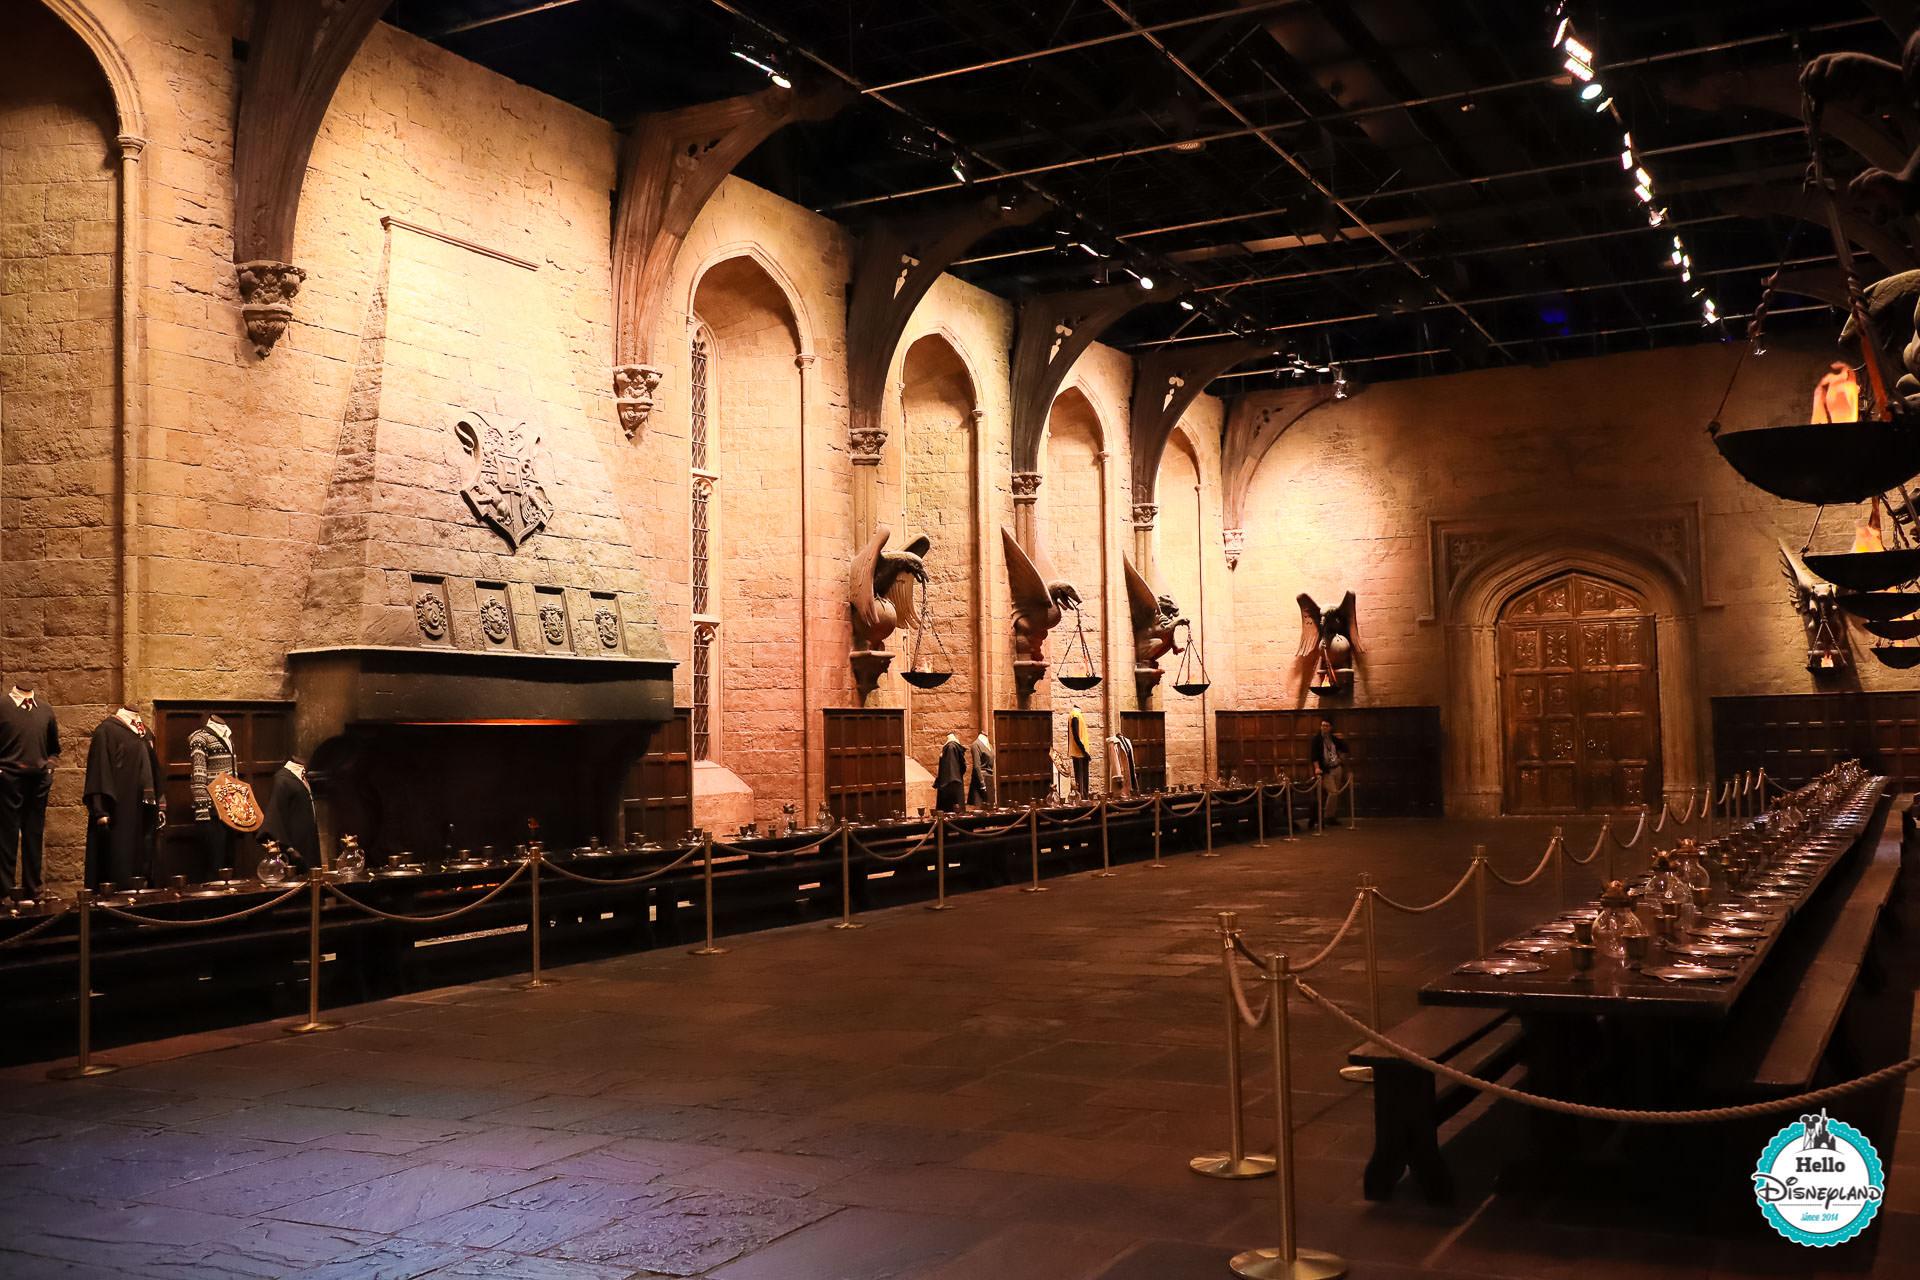 Galerie : Les Studios Harry Potter À Londres - Hello serapportantà Visite Des Studios Harry Potter Londres